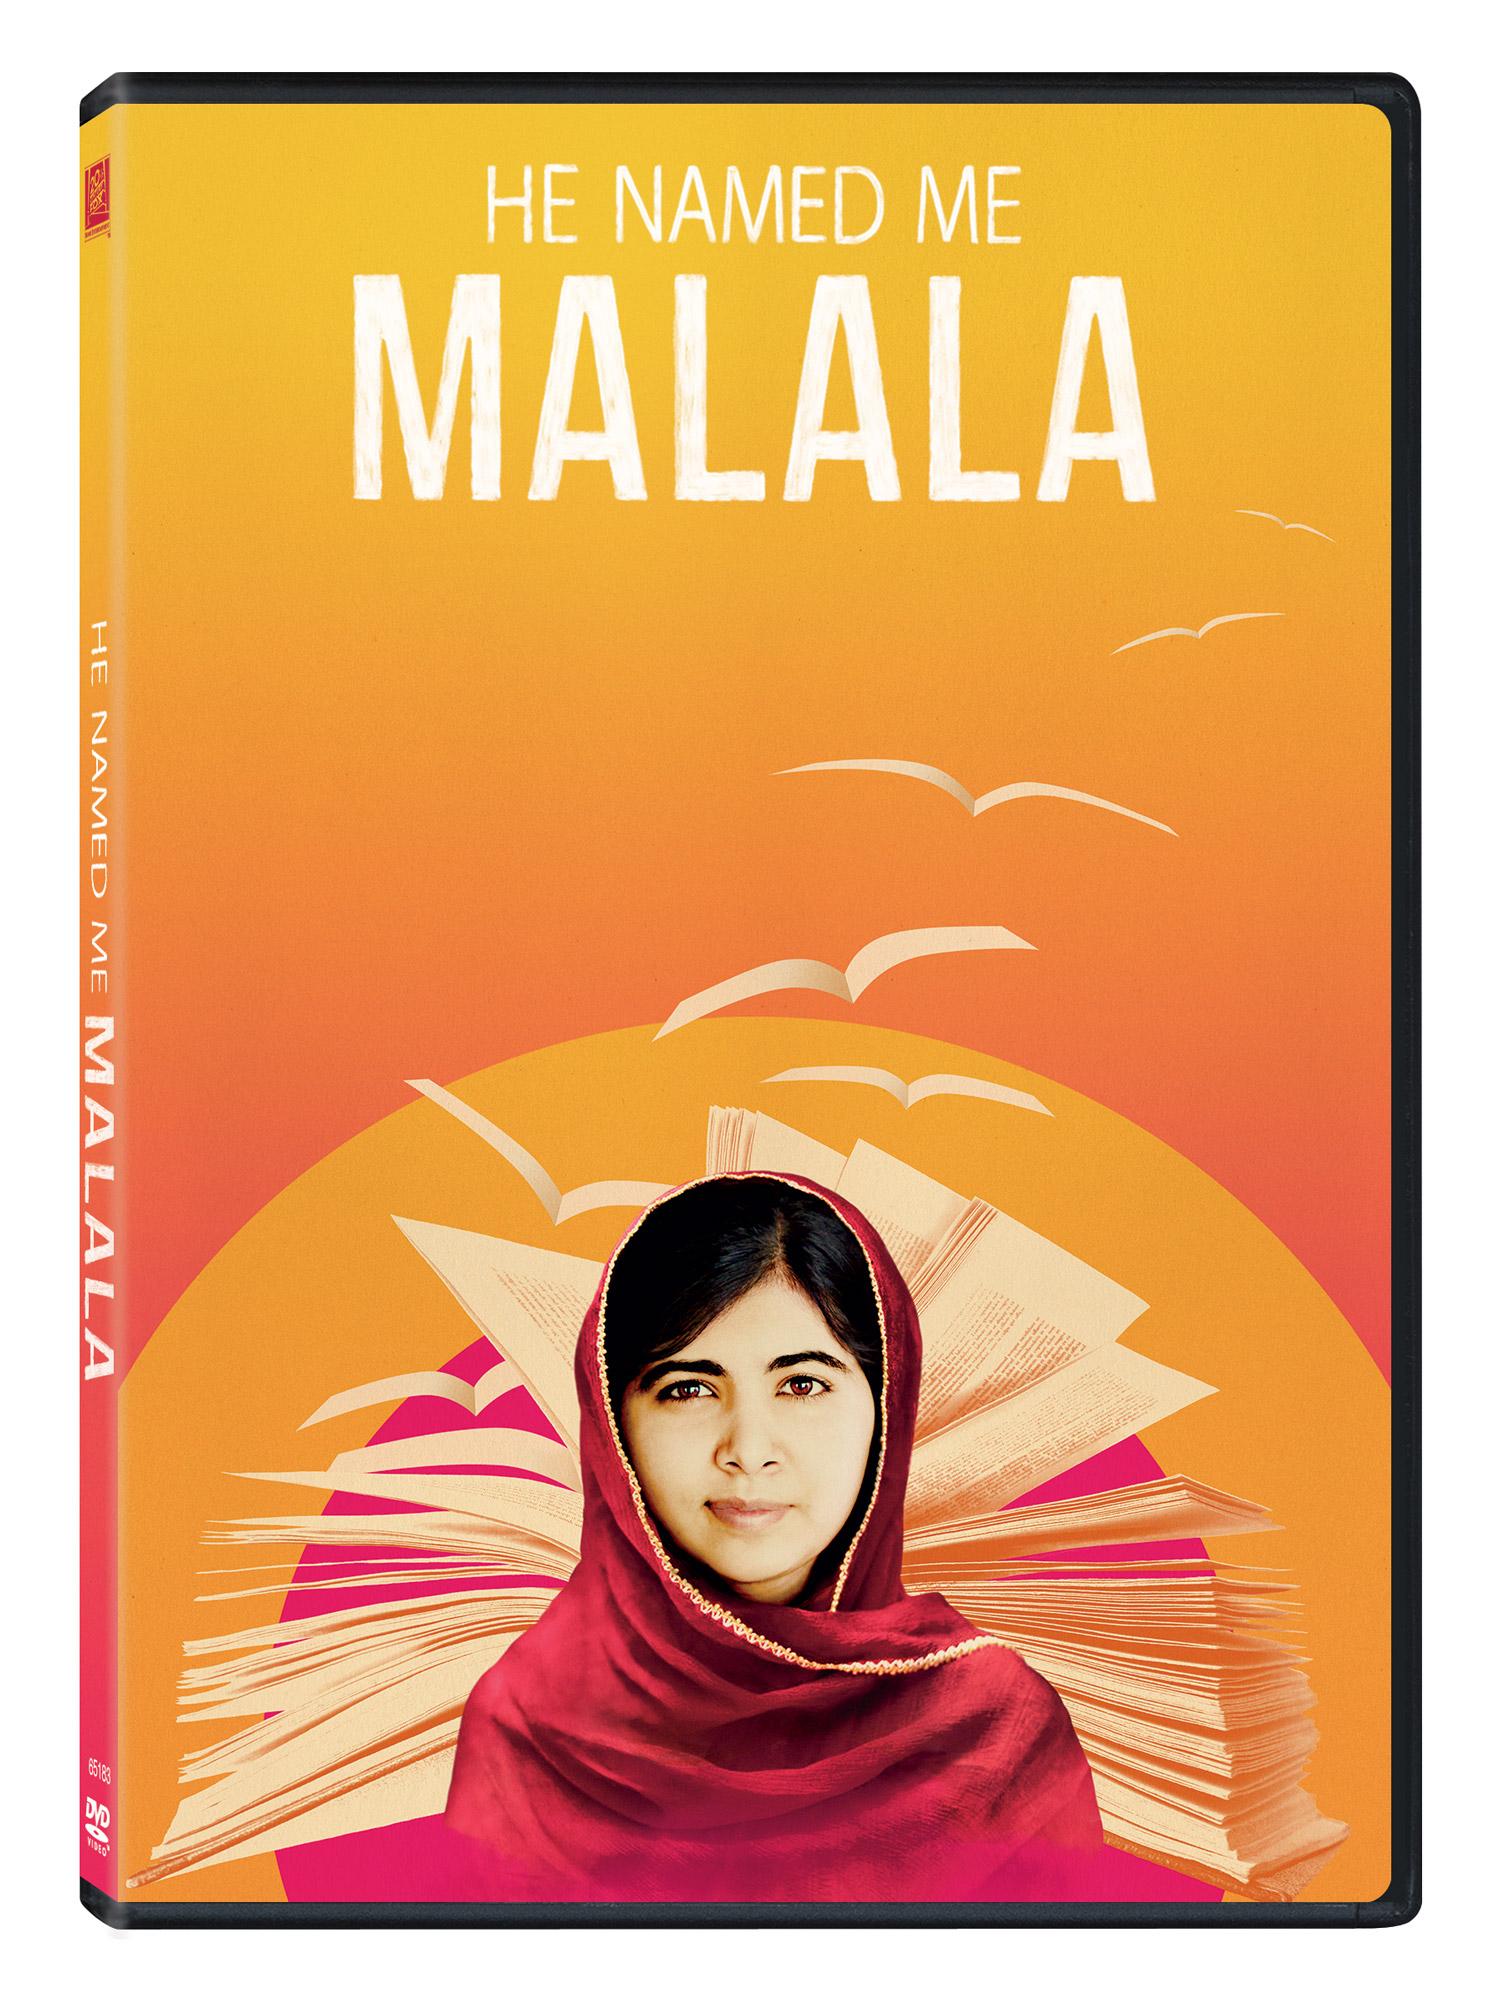 Malala / He Named Me Malala